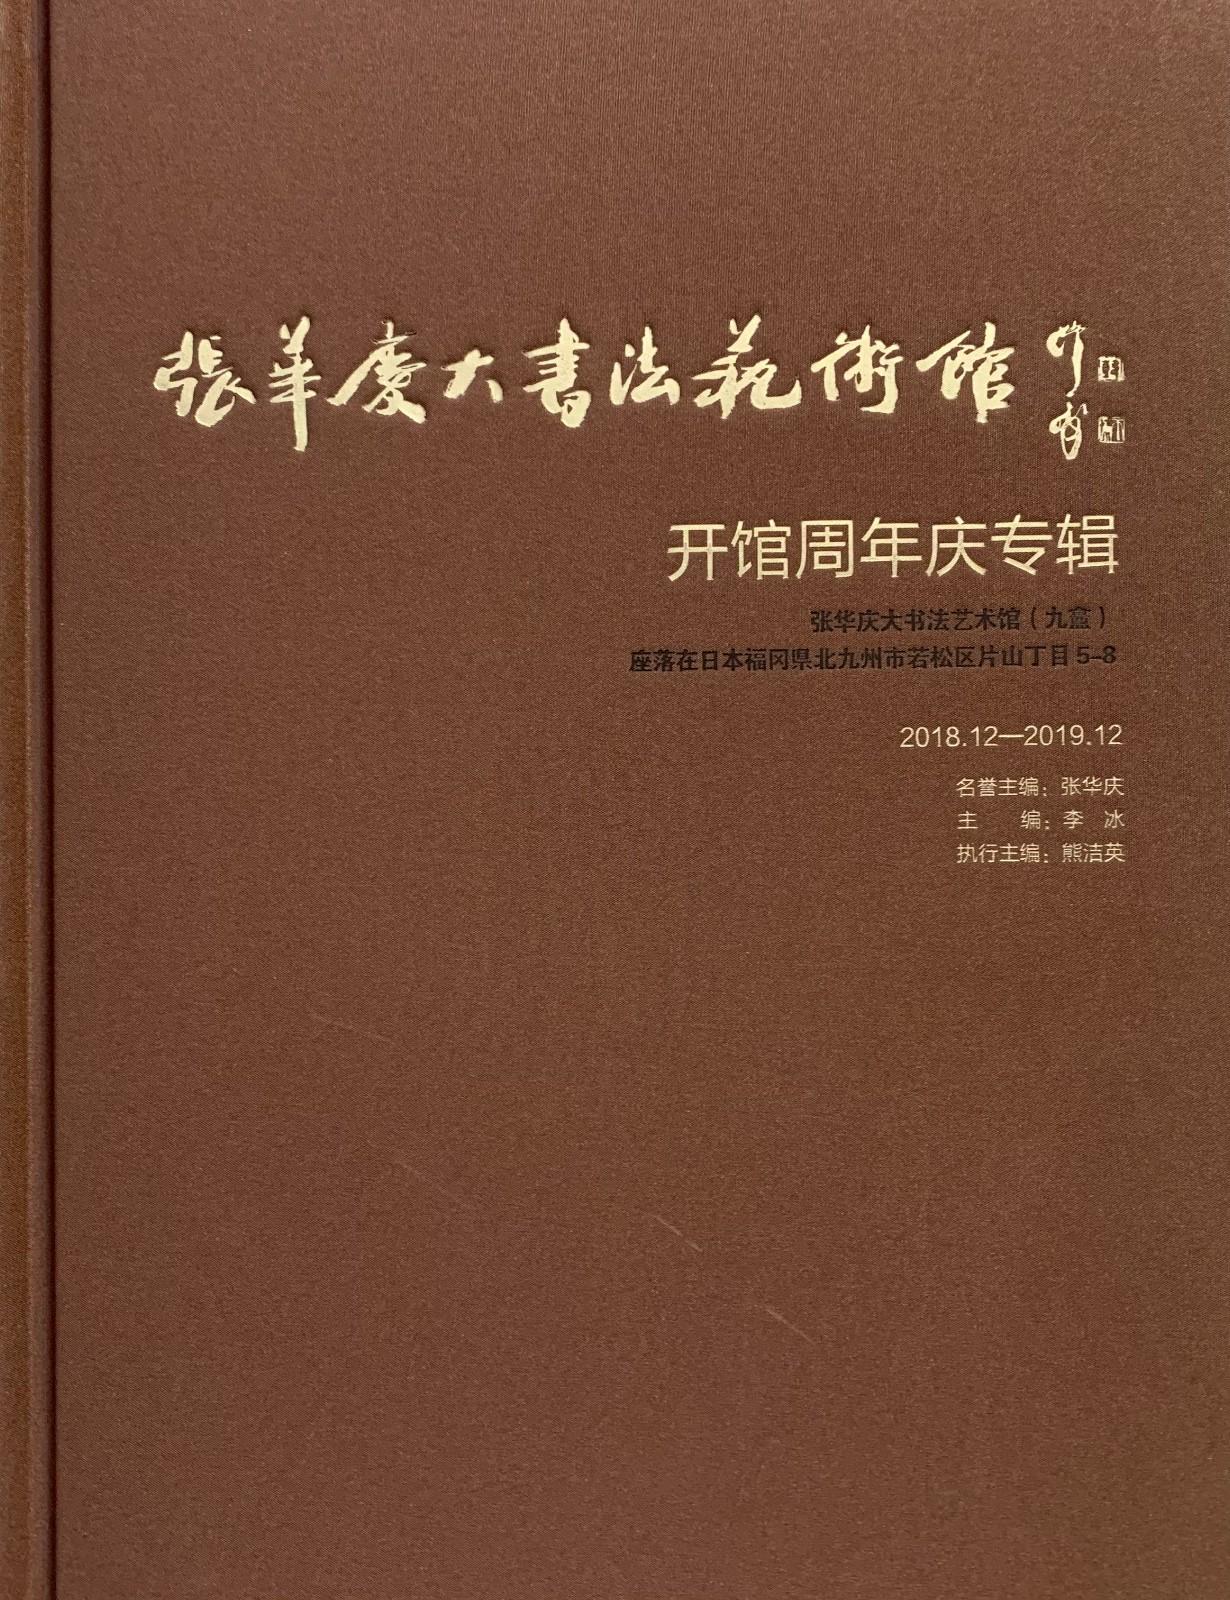 李兆银先生受聘擔任中國硬筆書法協會對外交流委員會美國事務總干事 ... ... ... ... . ..._图1-9